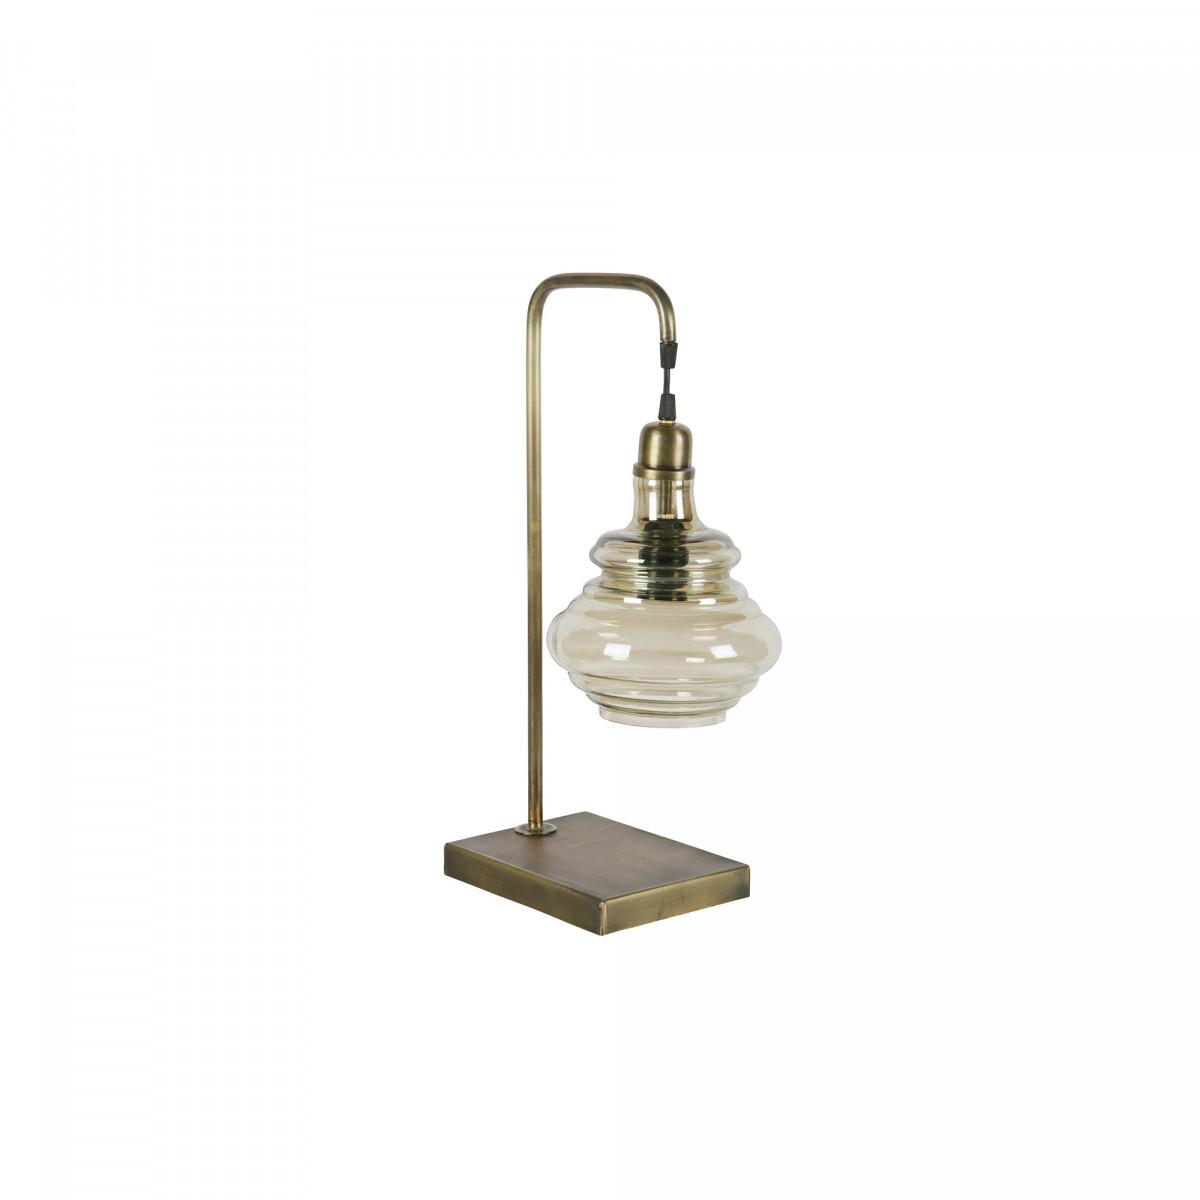 BePure Tafellamp Obvious antique brass